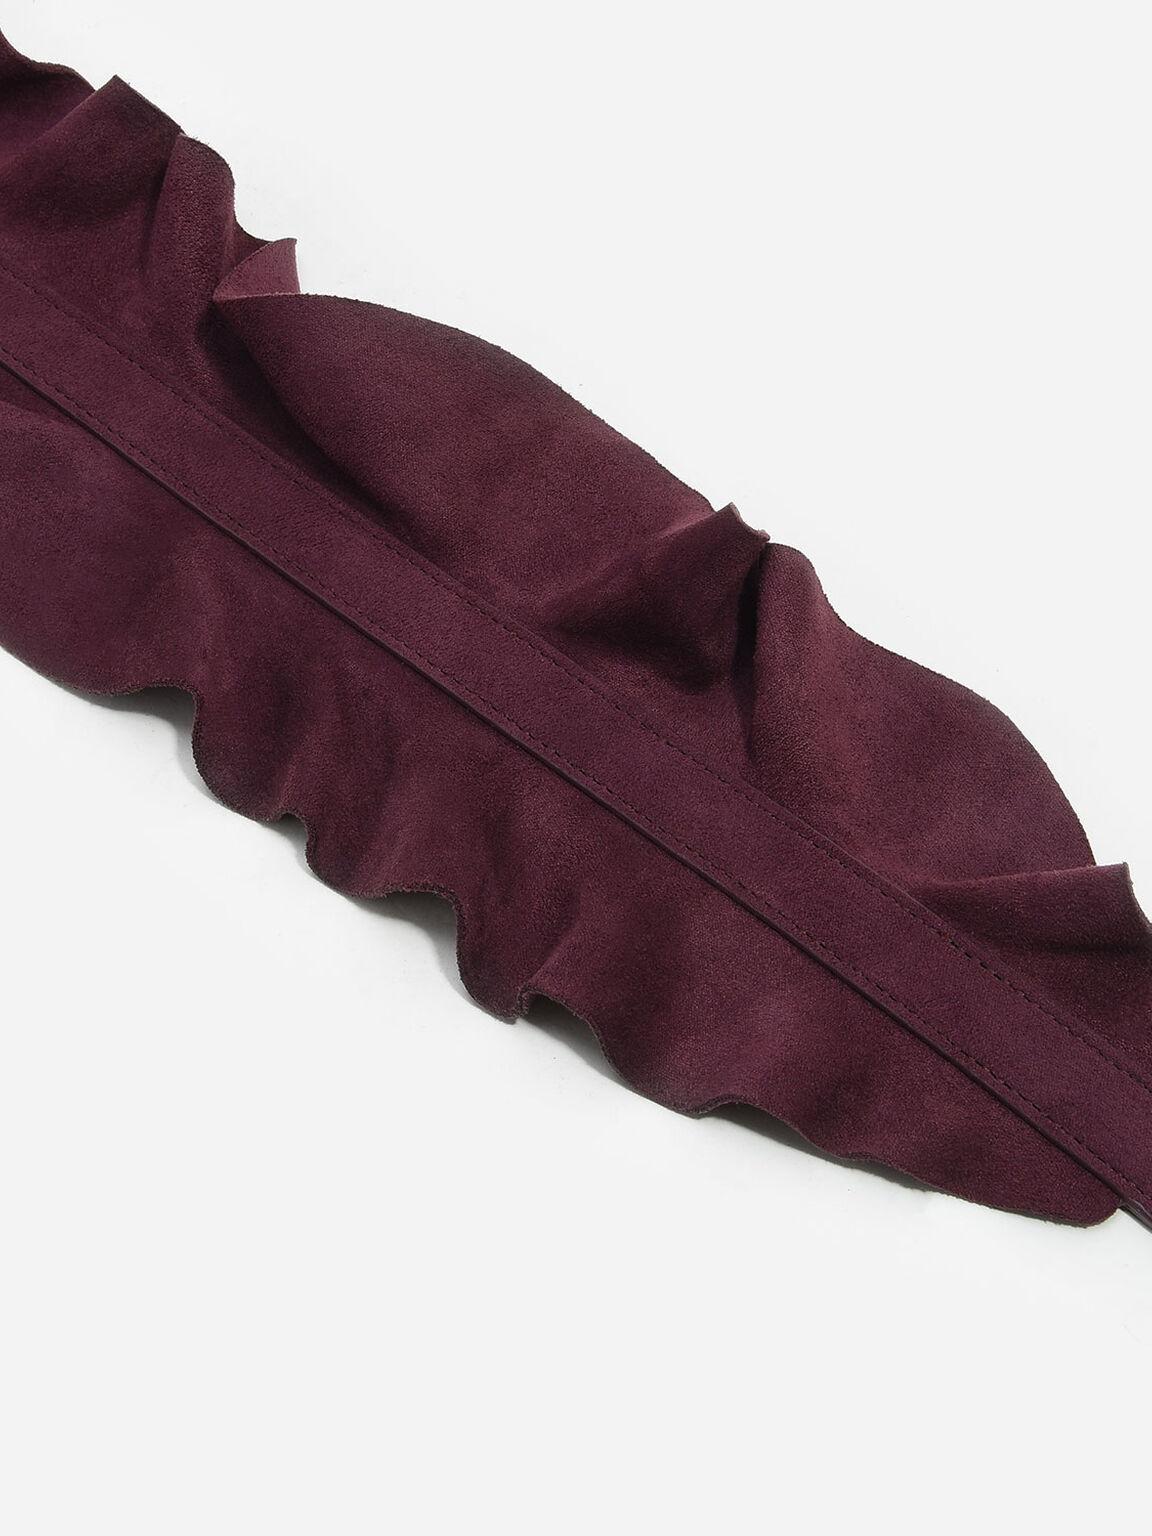 Ruffle Bag Strap, Prune, hi-res